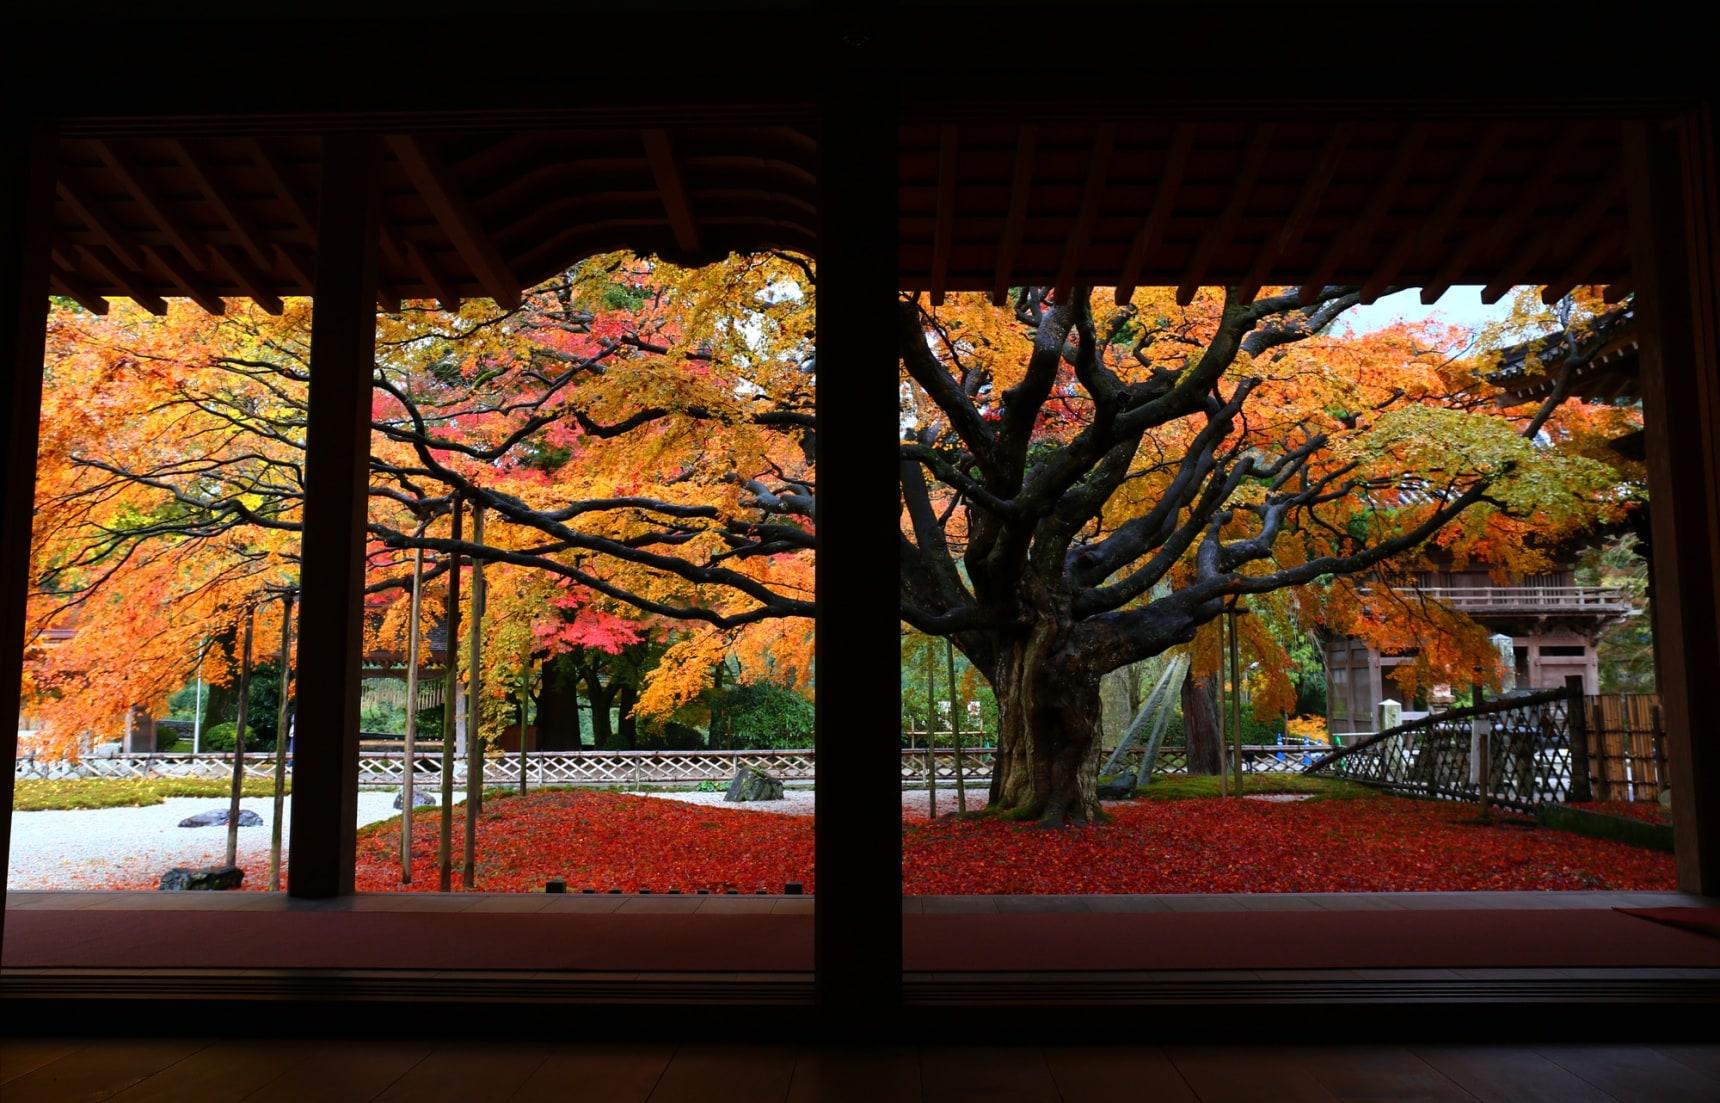 踩踏落地紅葉,頭望滿天楓紅!福岡近郊追楓去!